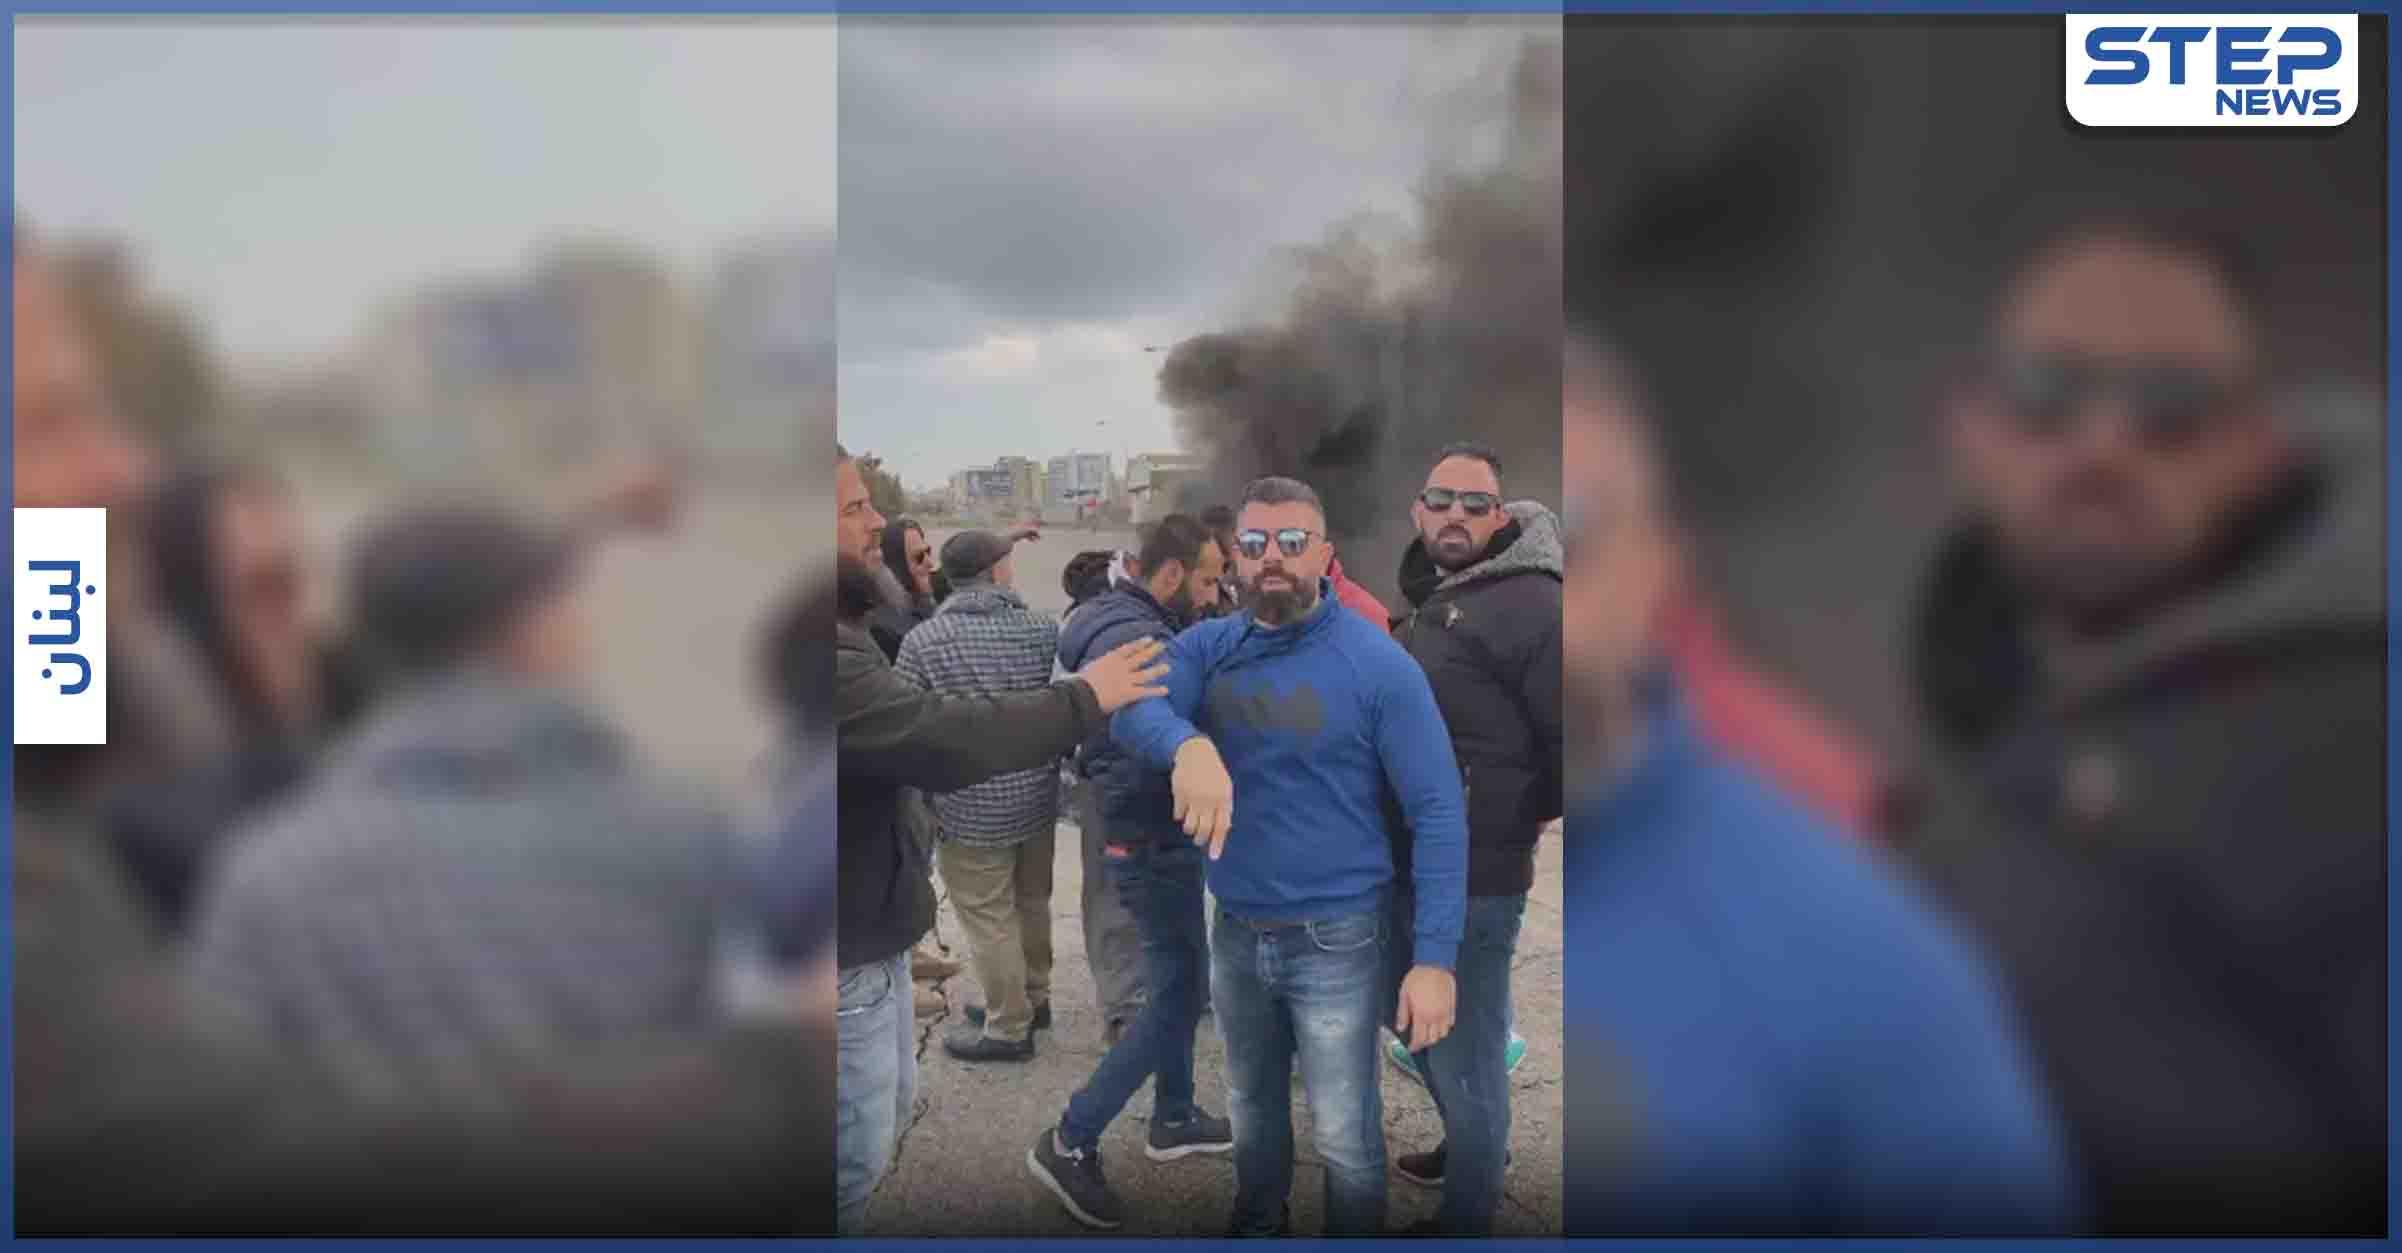 الليرة اللبنانية إلى أدنى مستوياتها وفتيل احتجاجات غاضبة يعاود الاشتعال (فيديو)